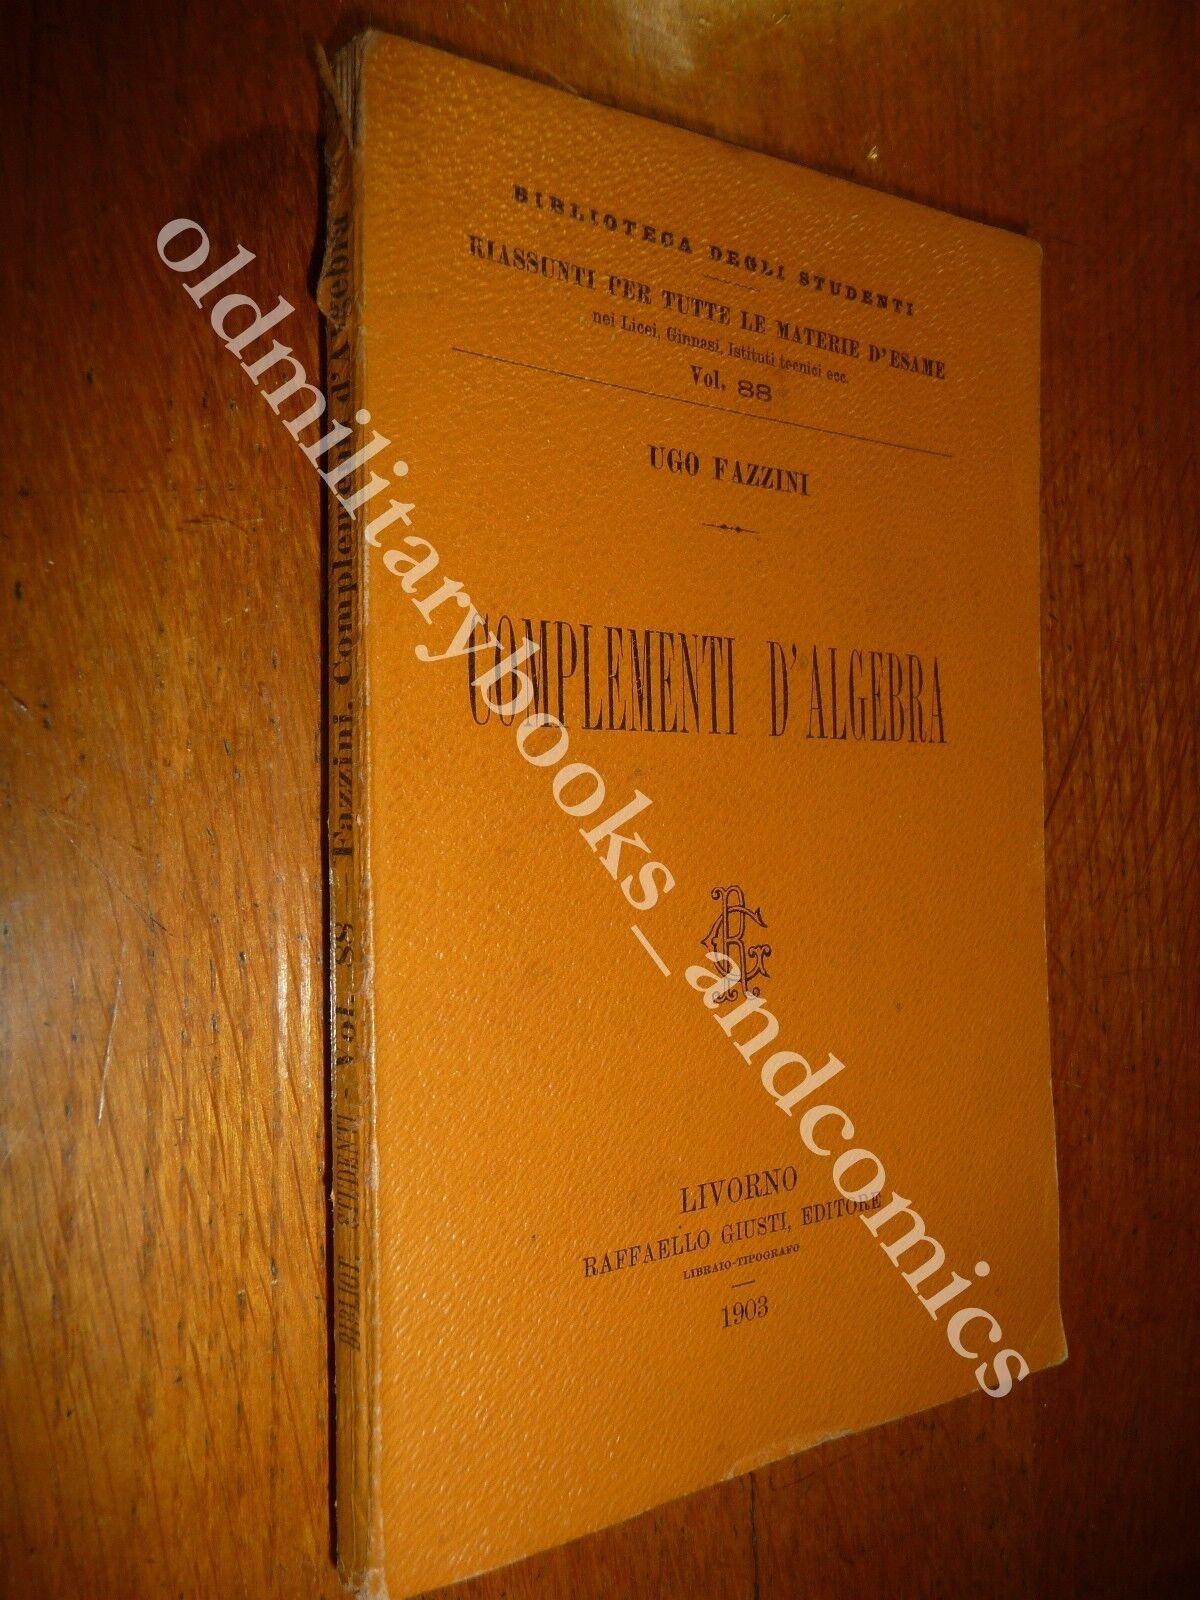 COMPLEMENTI D'ALGEBRA UGO FAZZINI 1903 I^ Ed. BIBLIOTECA DEGLI STUDENTI